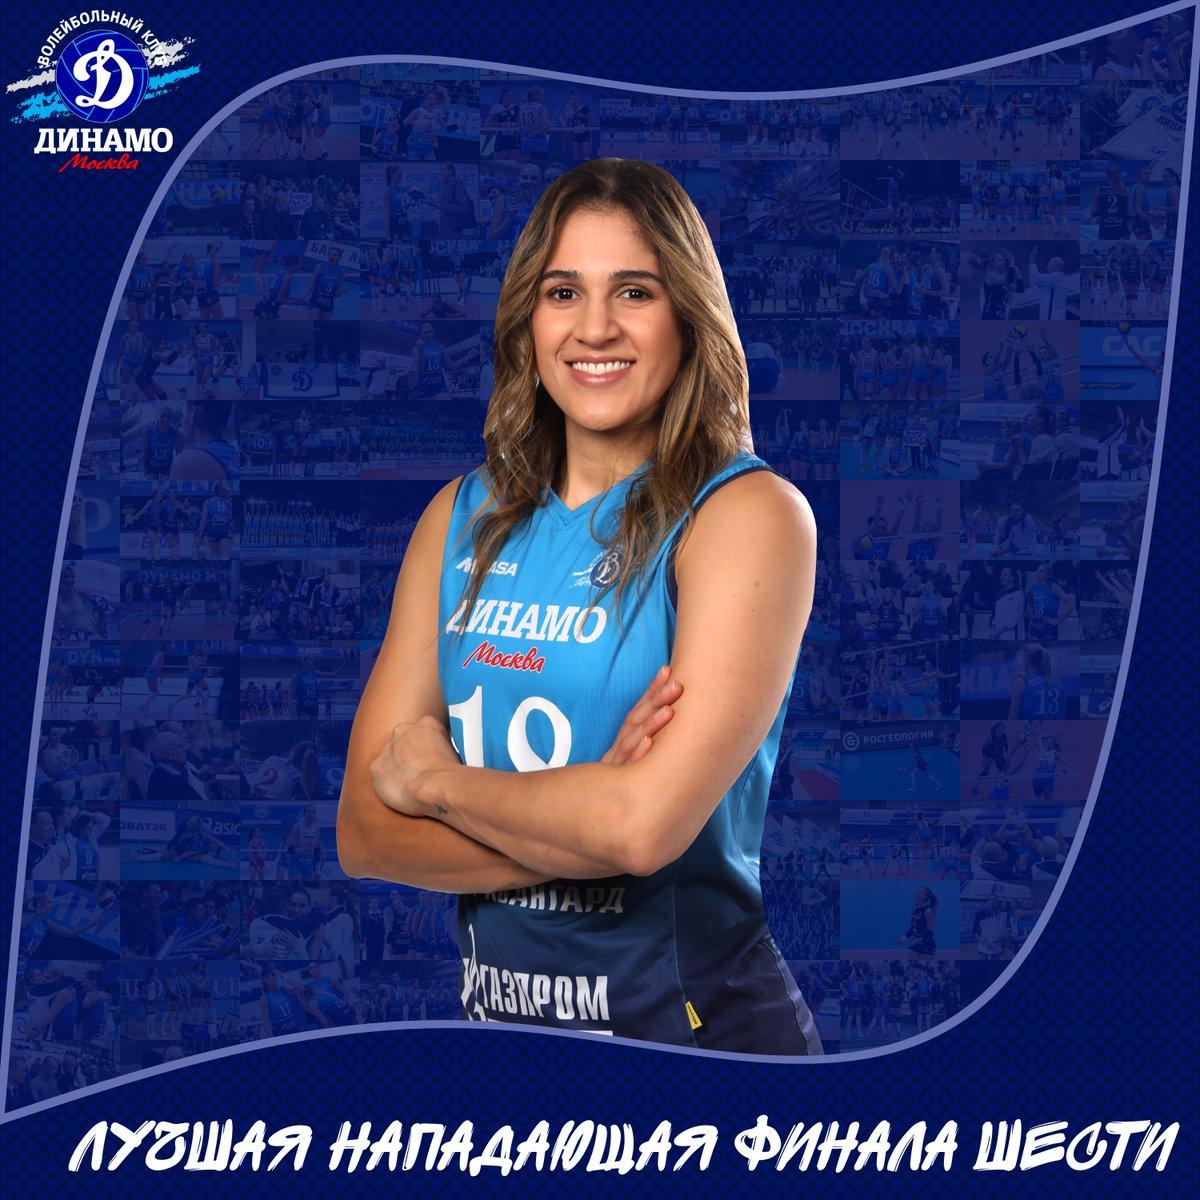 Динамо волейбольный клуб москва женщины официальный сайт ремикс ночной клуб якутск